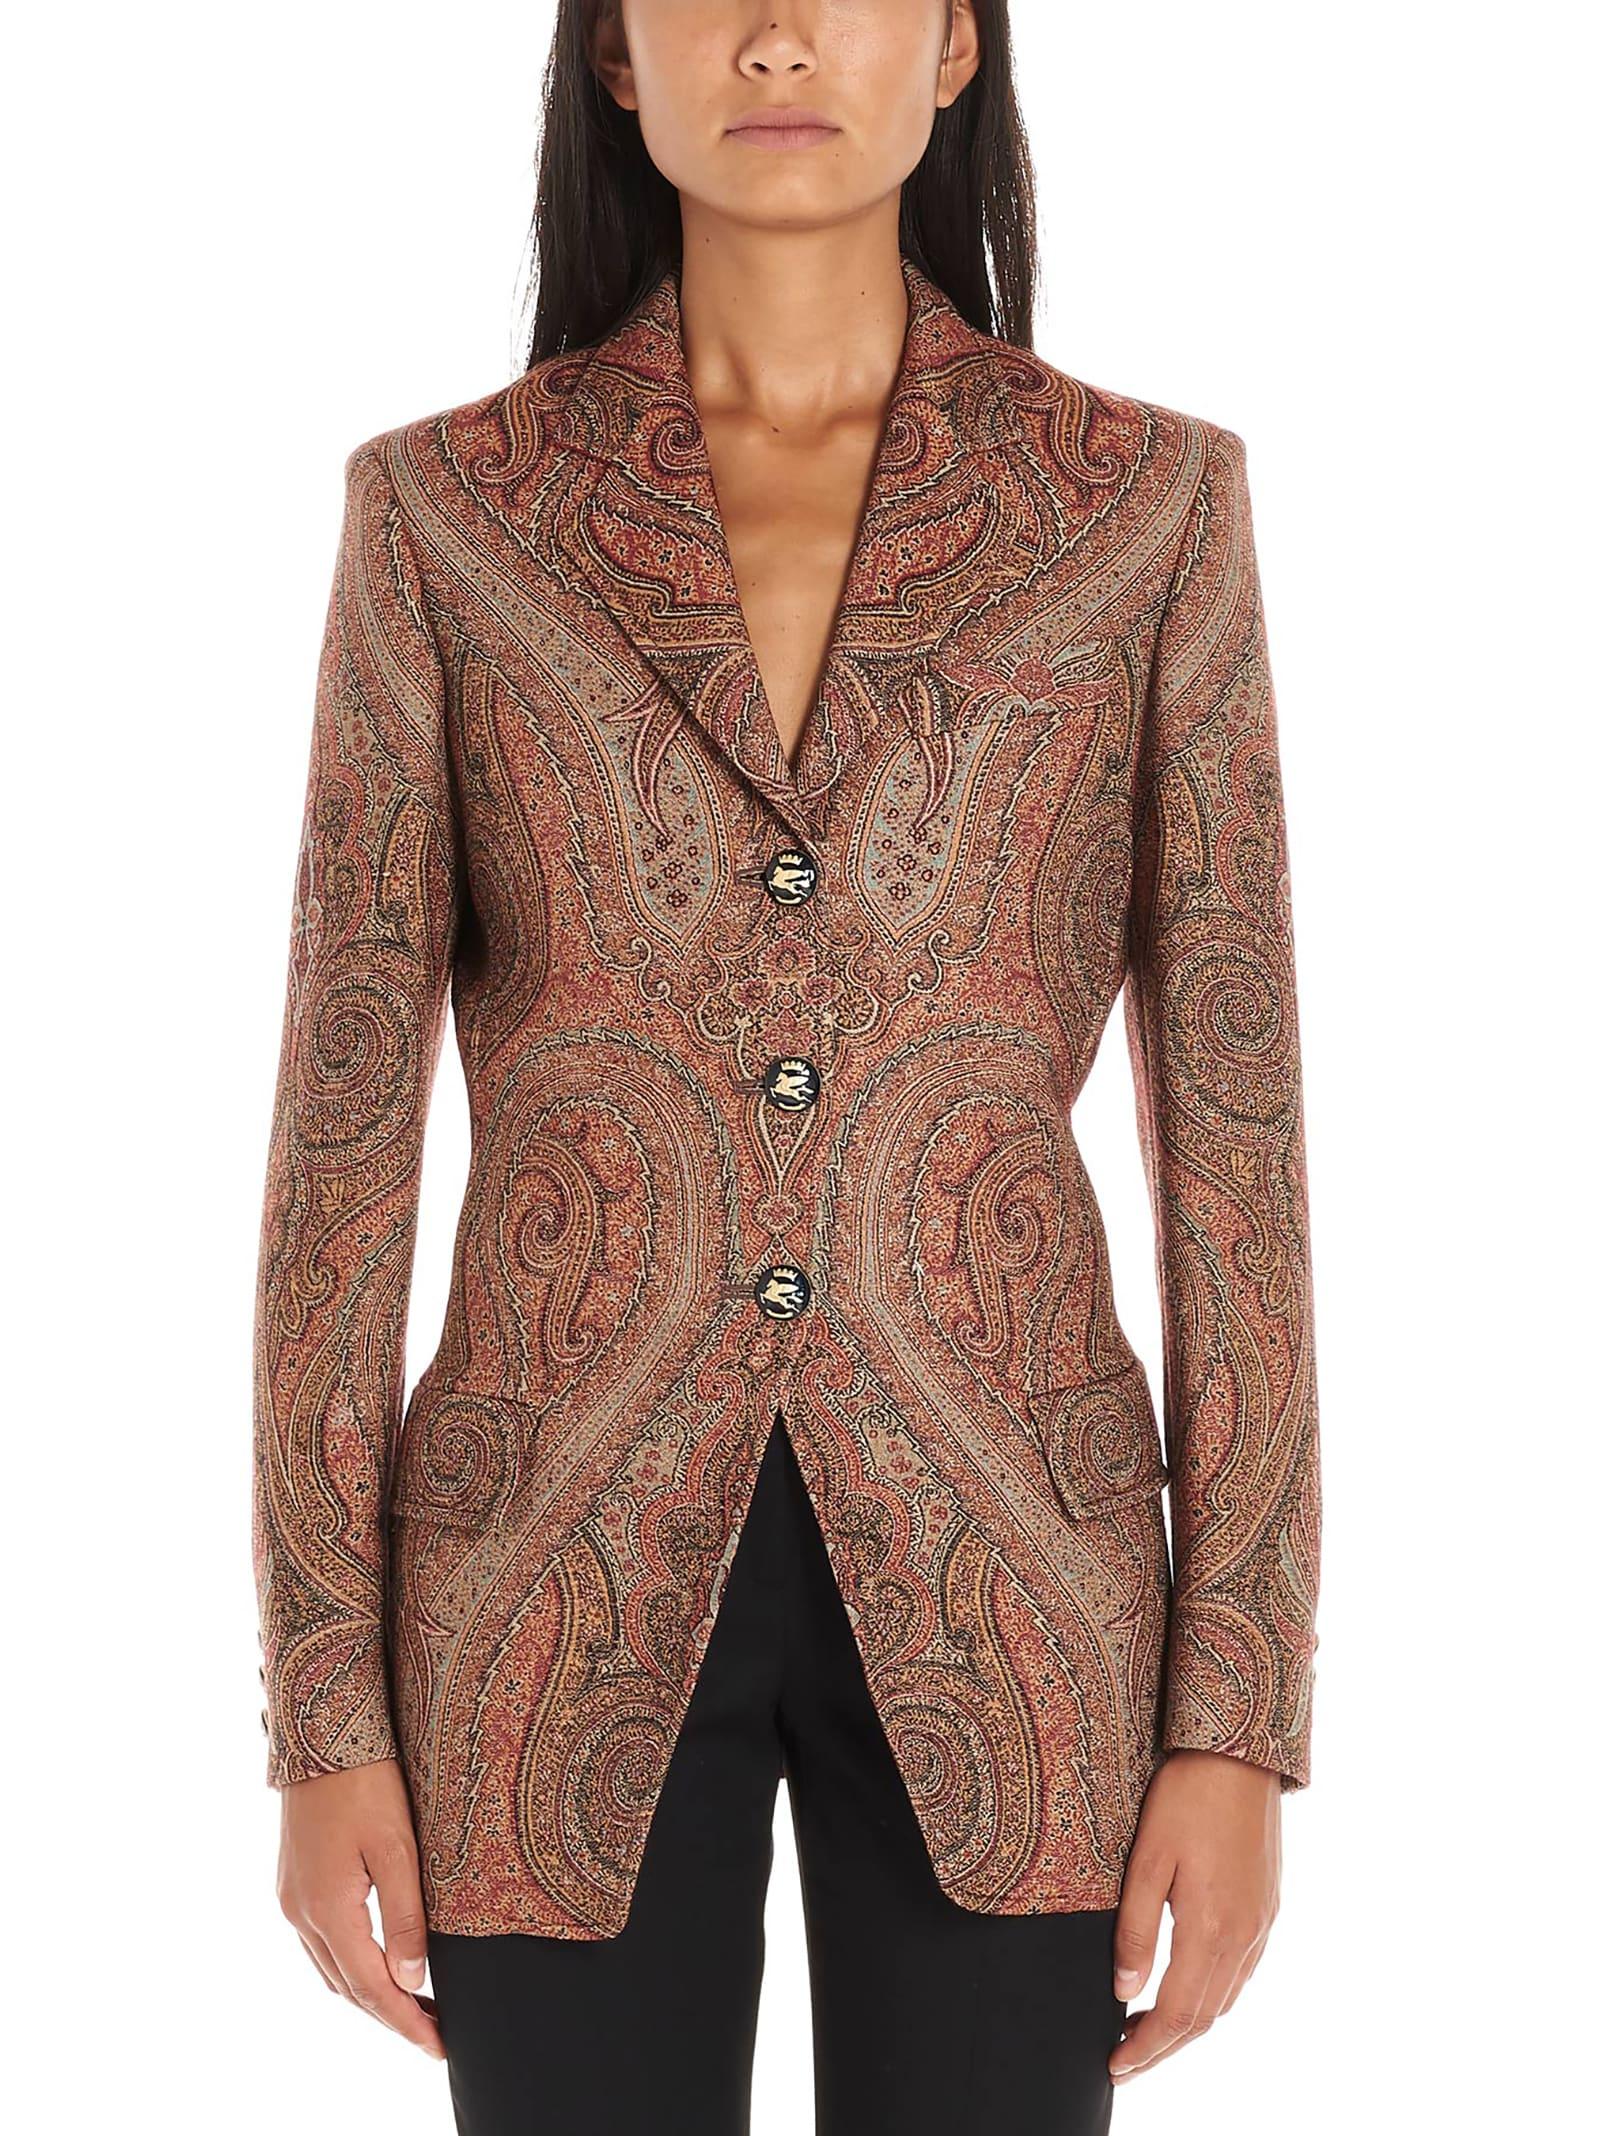 Photo of  Etro etro Jacket- shop Etro jackets online sales